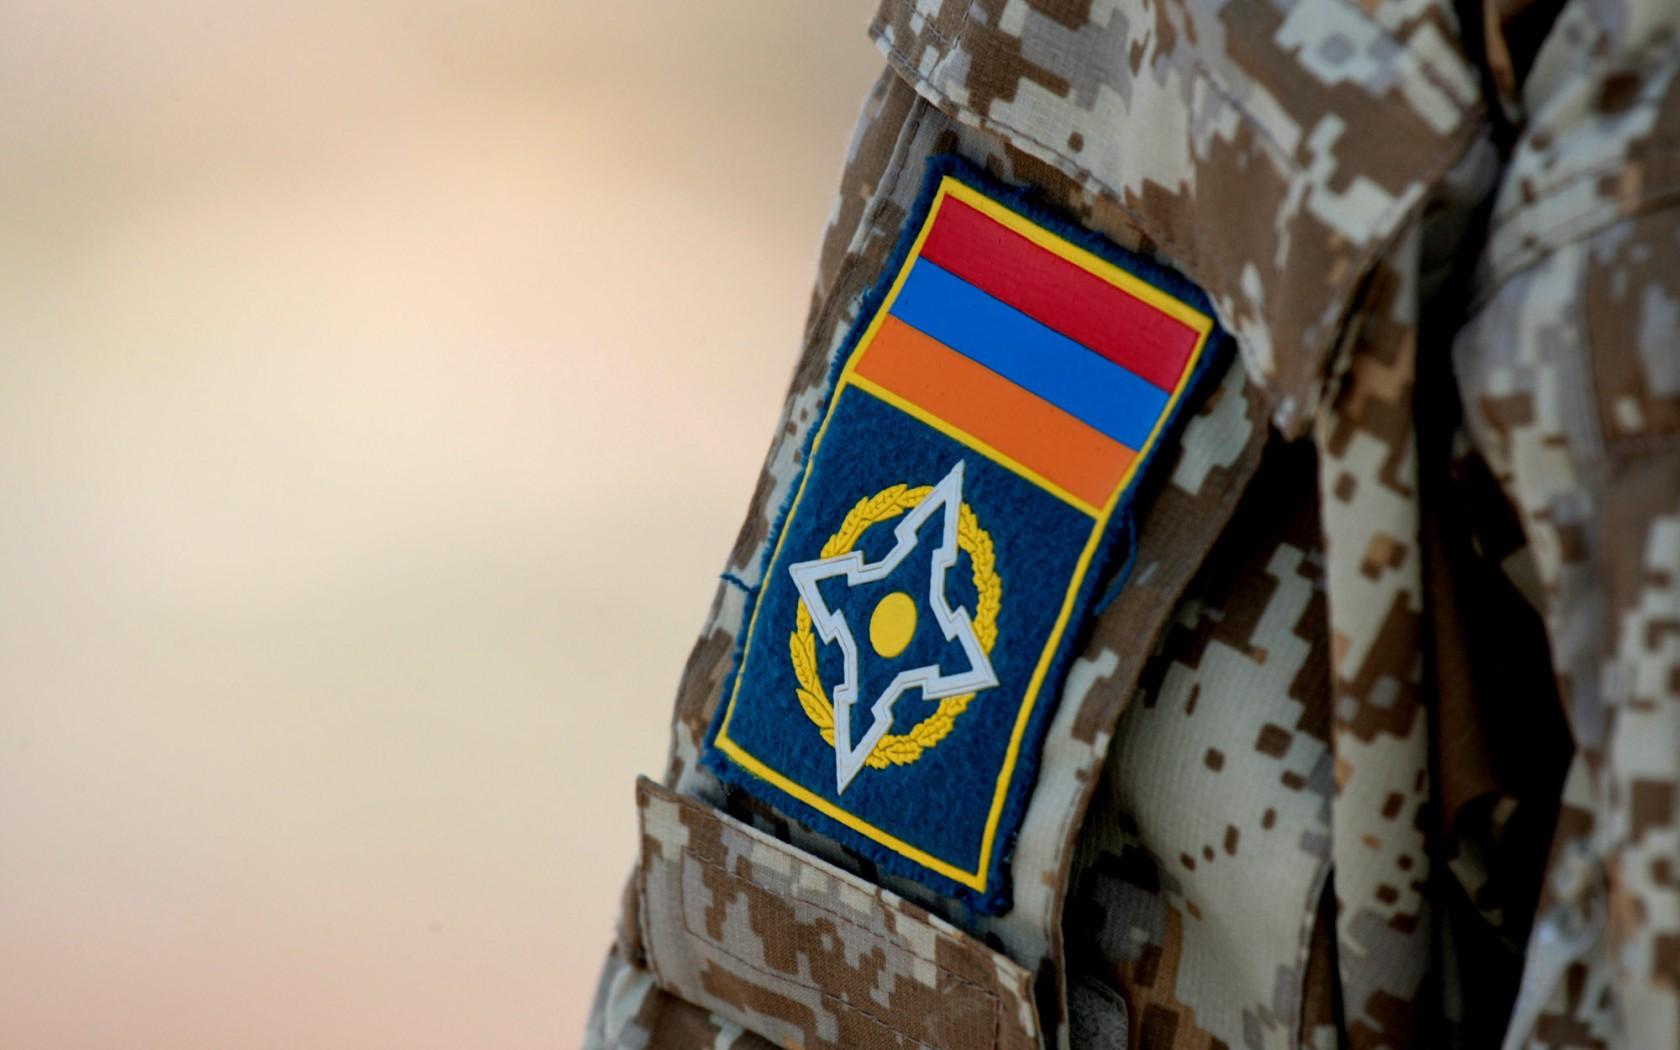 Ситуация в регионе исключает возможность нахождения Армении и Азербайджана в ОДКБ